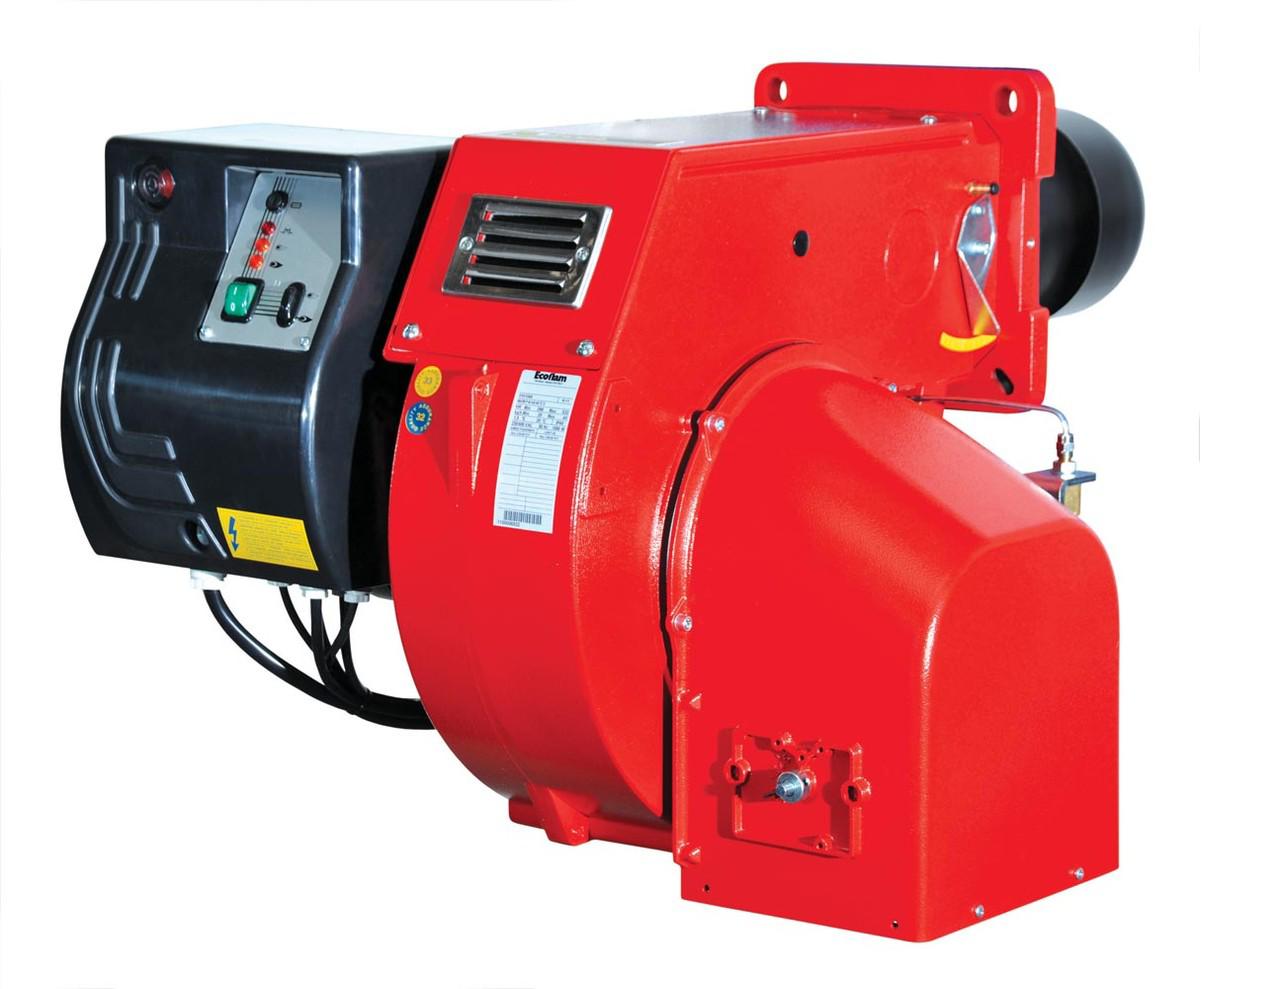 Дизельная горелка Ecoflam maior p 60 ab hs до 710 кВт